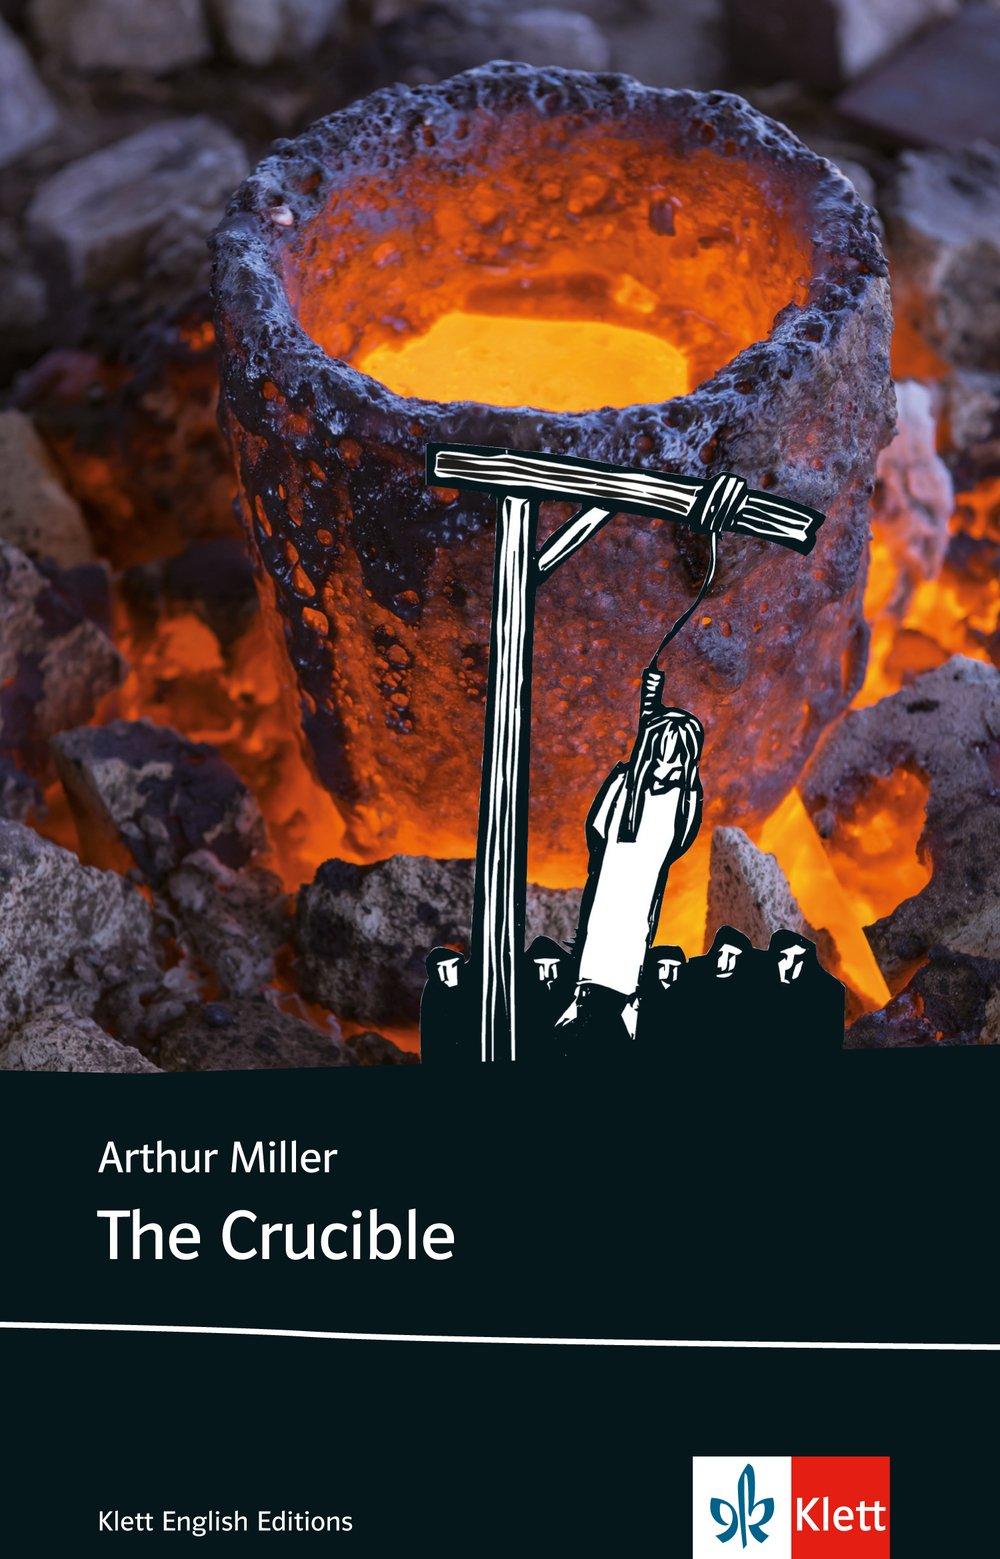 The Crucible  Schulausgabe Für Das Niveau C1 Ab Dem 6. Lernjahr. Ungekürzter Englischer Originaltext Mit Annotationen  Klett English Editions